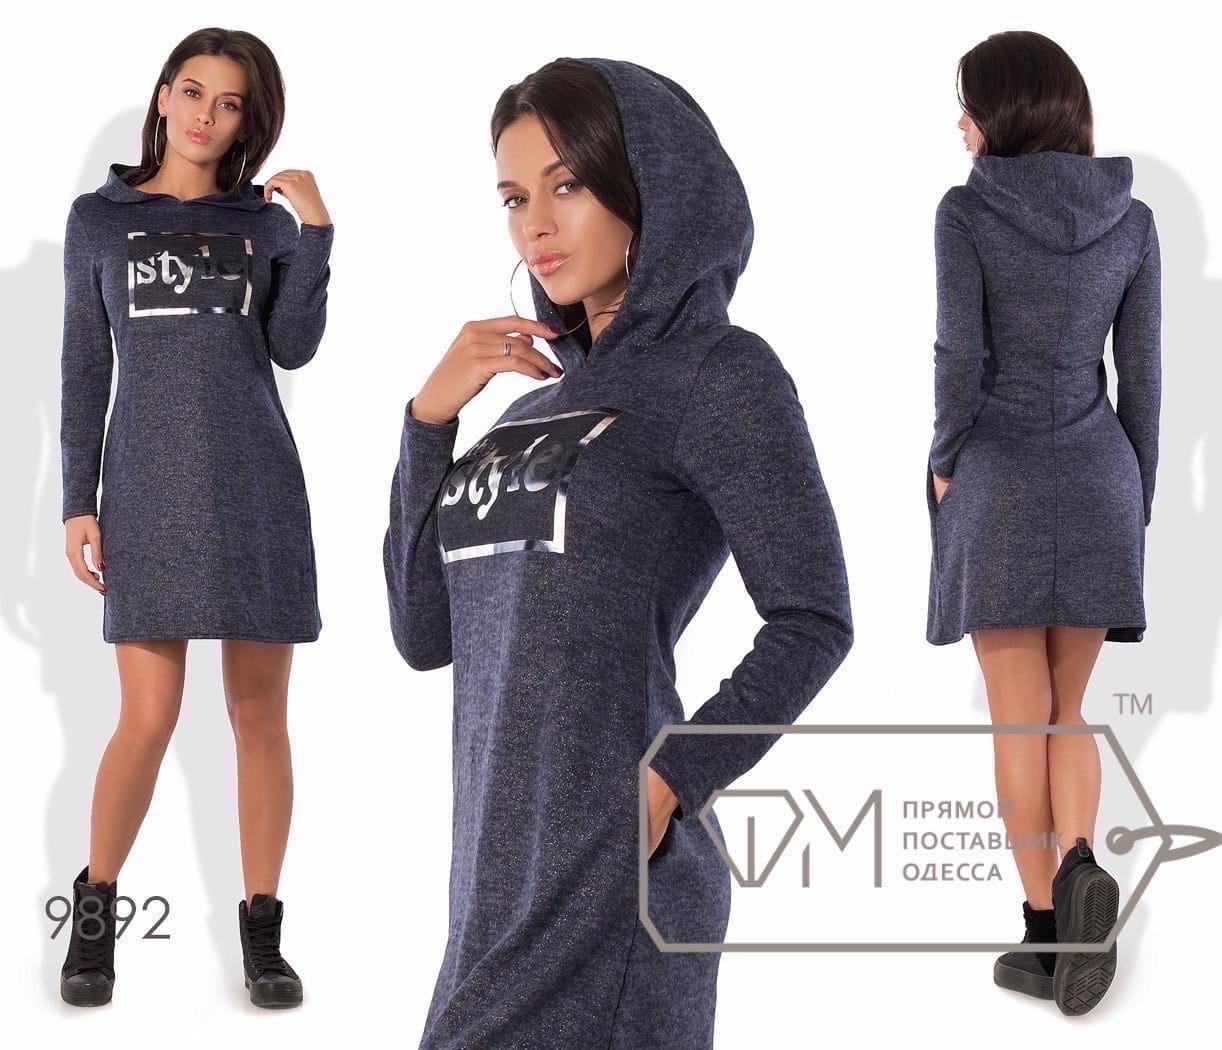 Платье трикотажное с капюшоном свободного кроя, разные цвета Р-р.S, M, L, XL Код 417Д